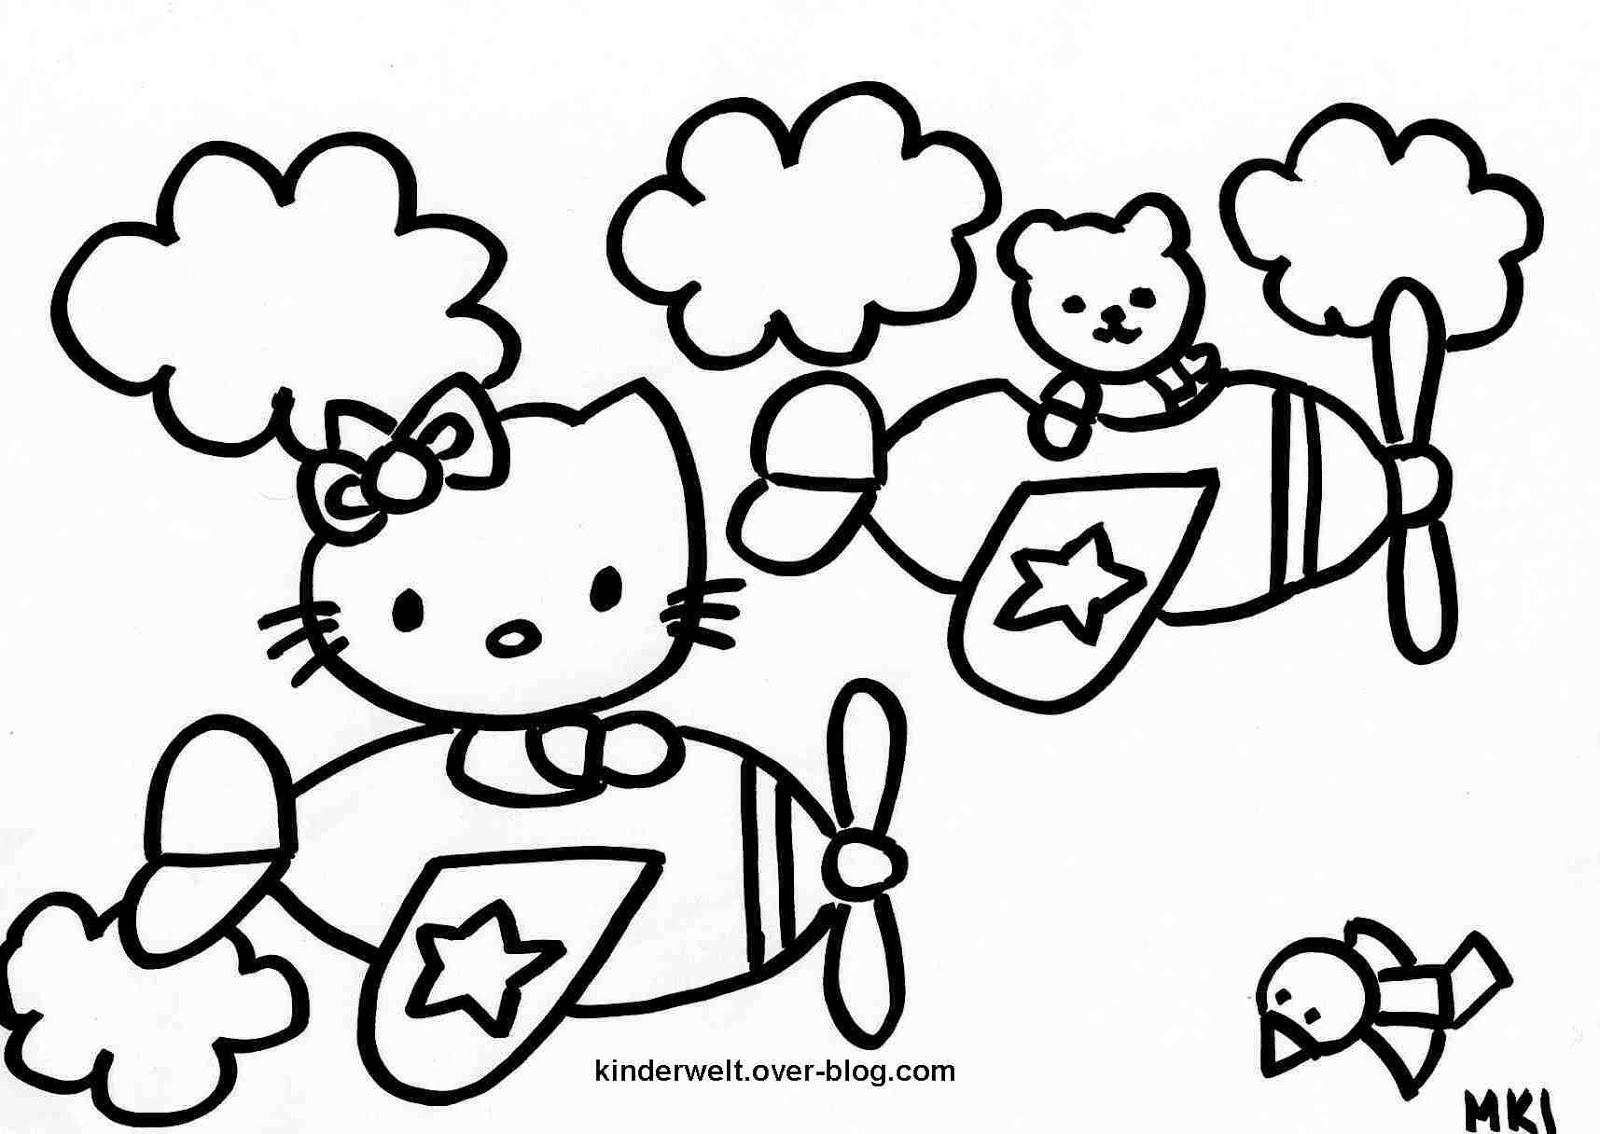 Malvorlagen Kinder Hello Kitty Die Beste Idee Zum Ausmalen Von Seiten